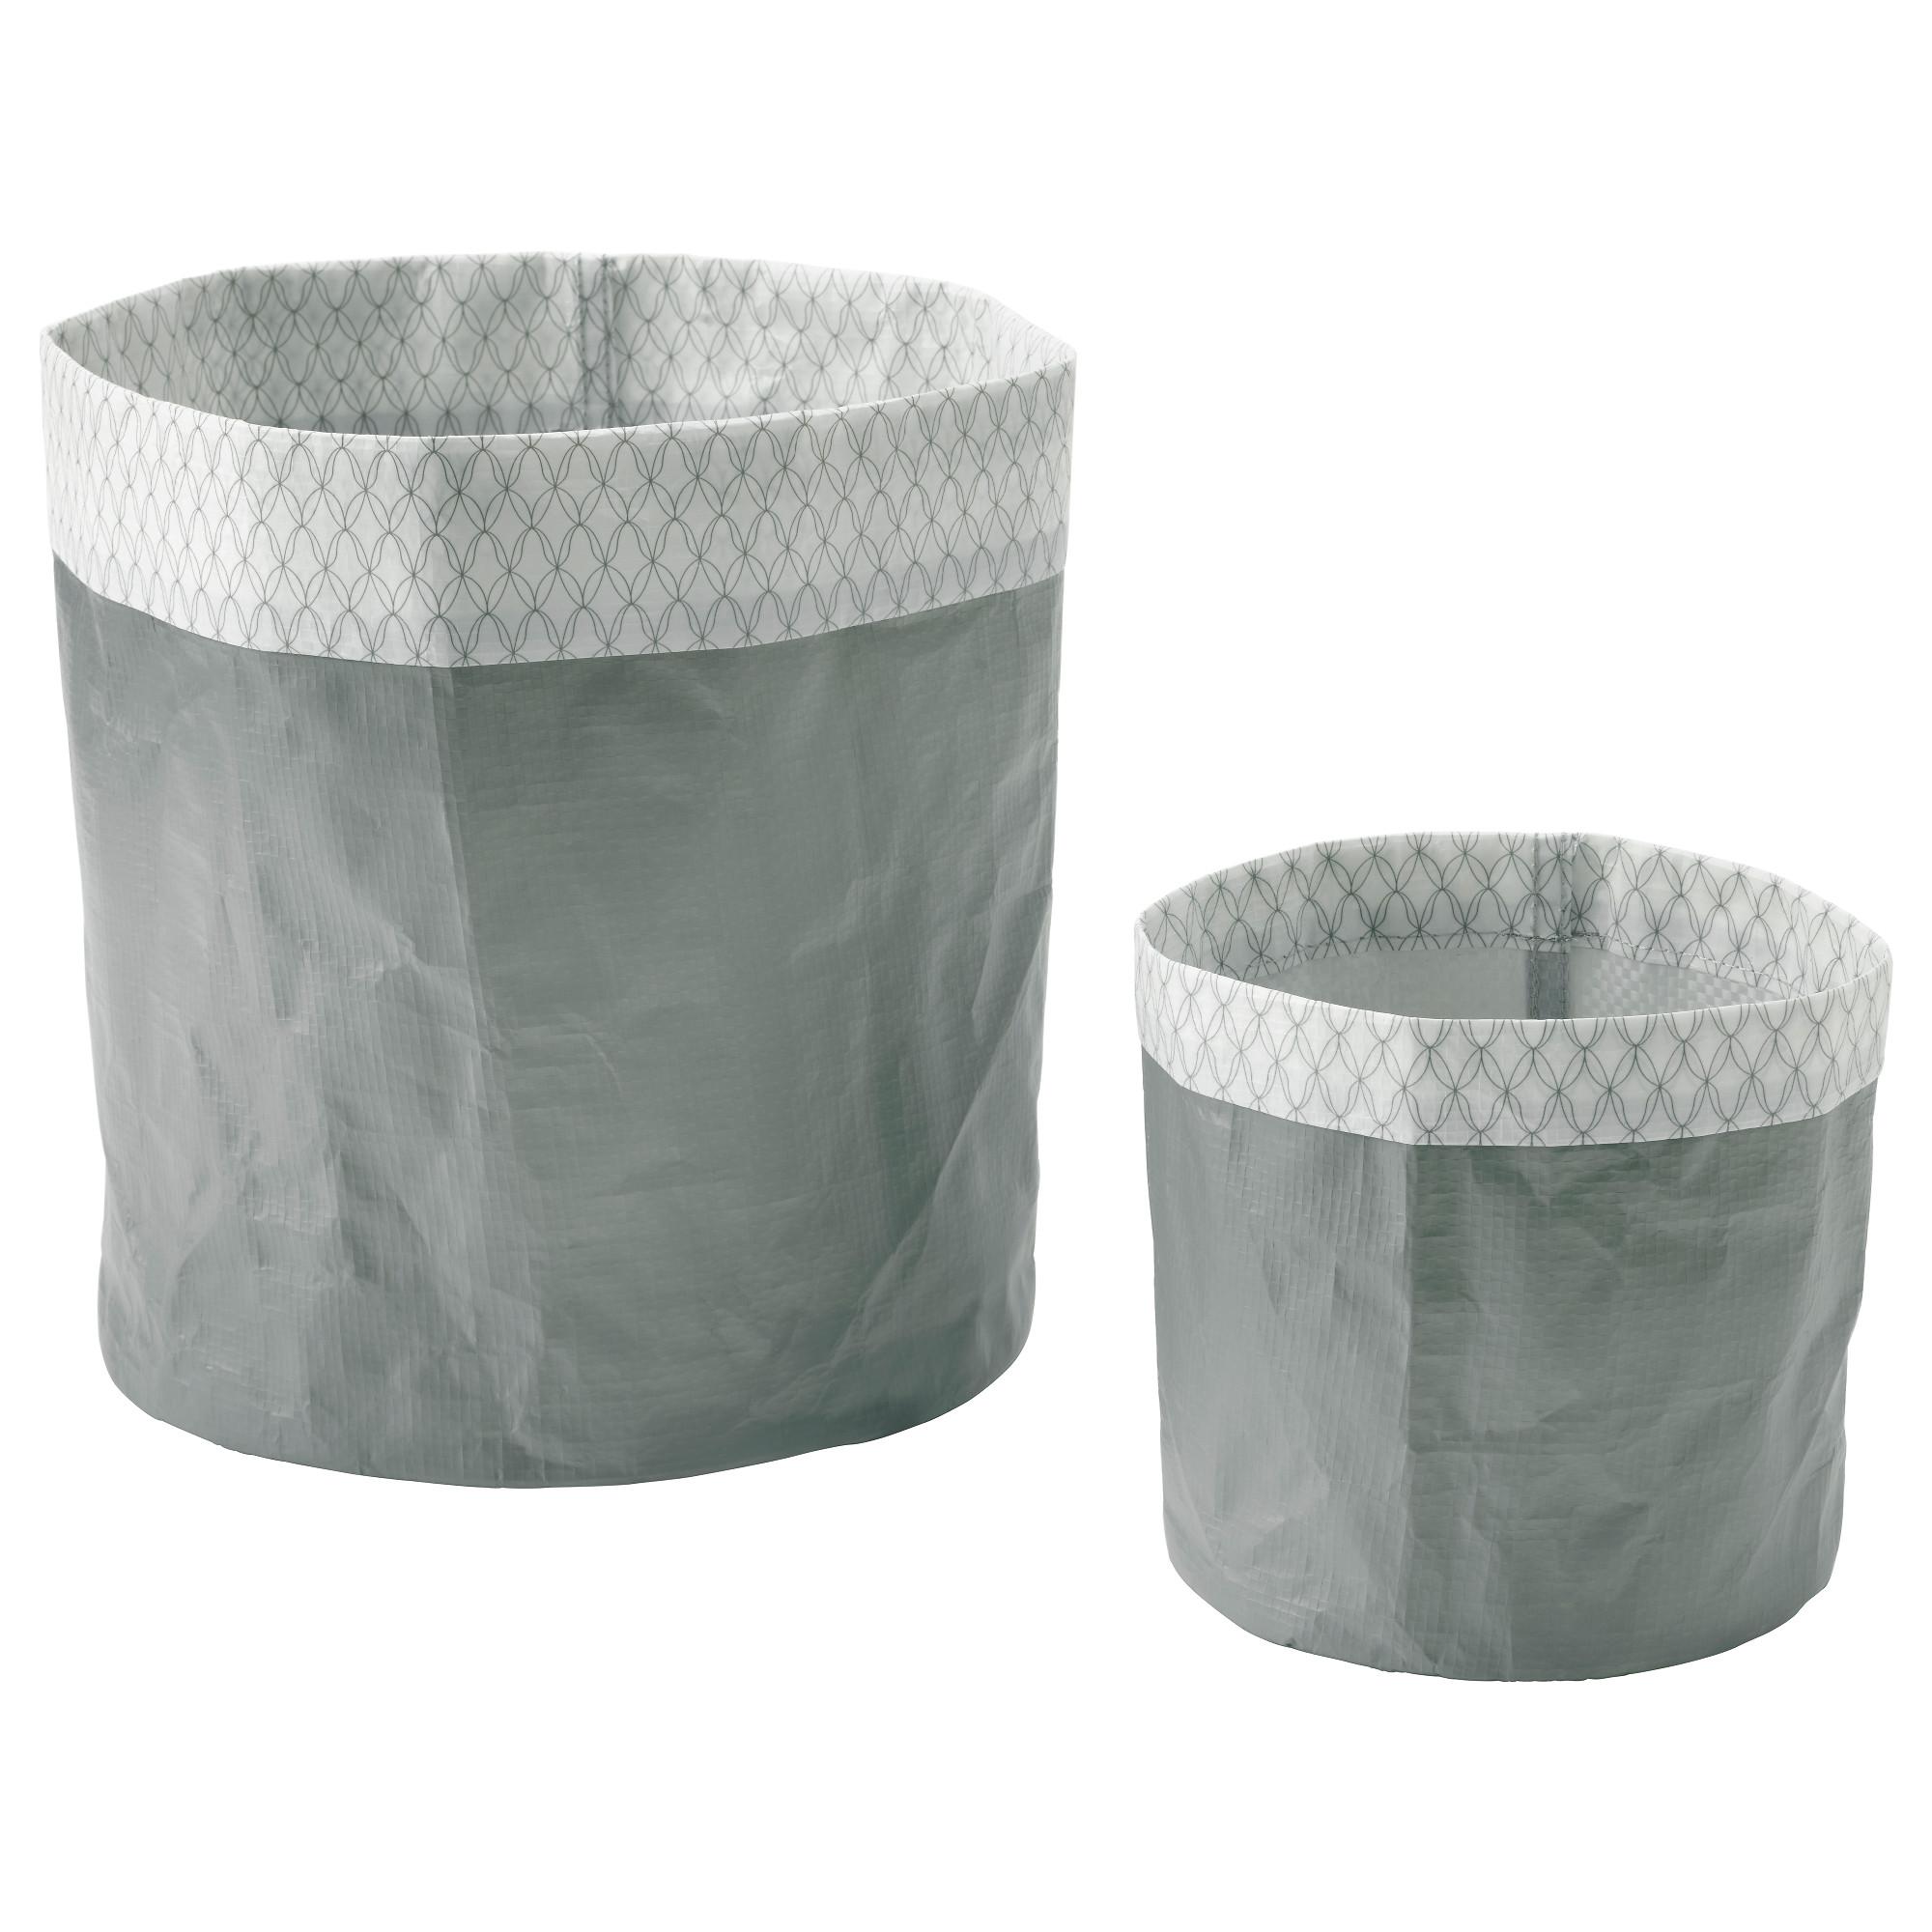 Кашпо,2 штуки КОЛОКВИНТ серый артикуль № 403.432.42 в наличии. Интернет каталог IKEA Республика Беларусь. Быстрая доставка и установка.